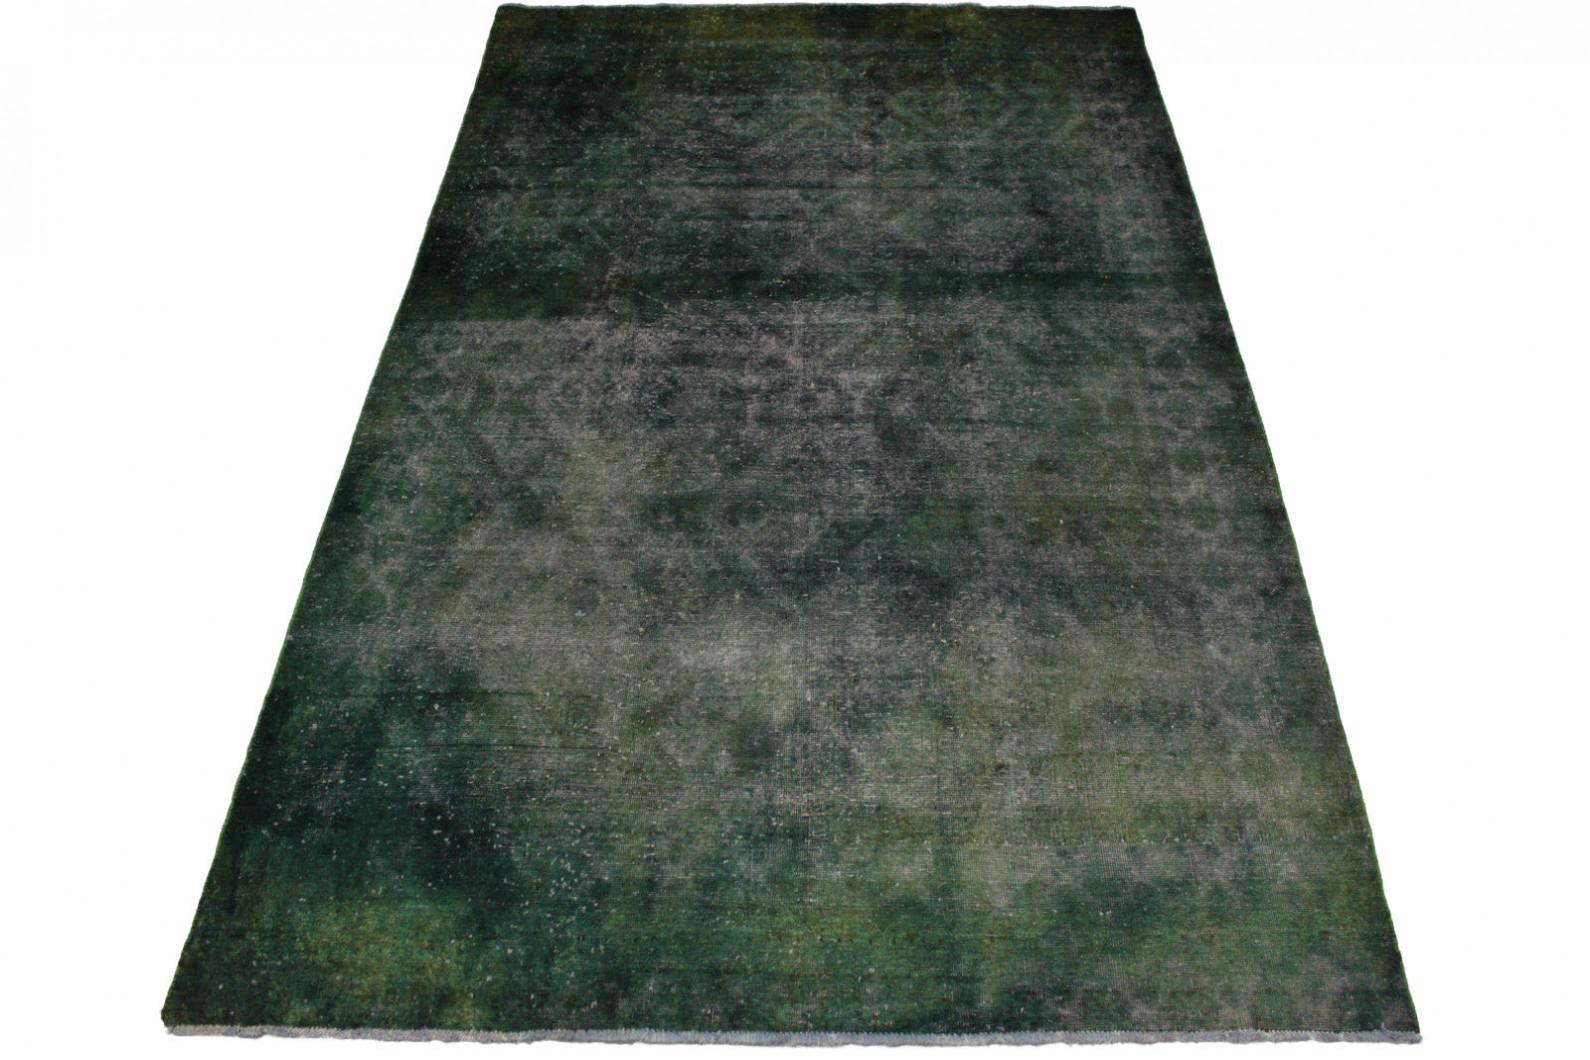 Vintage teppich grün grau in cm  bei carpetido